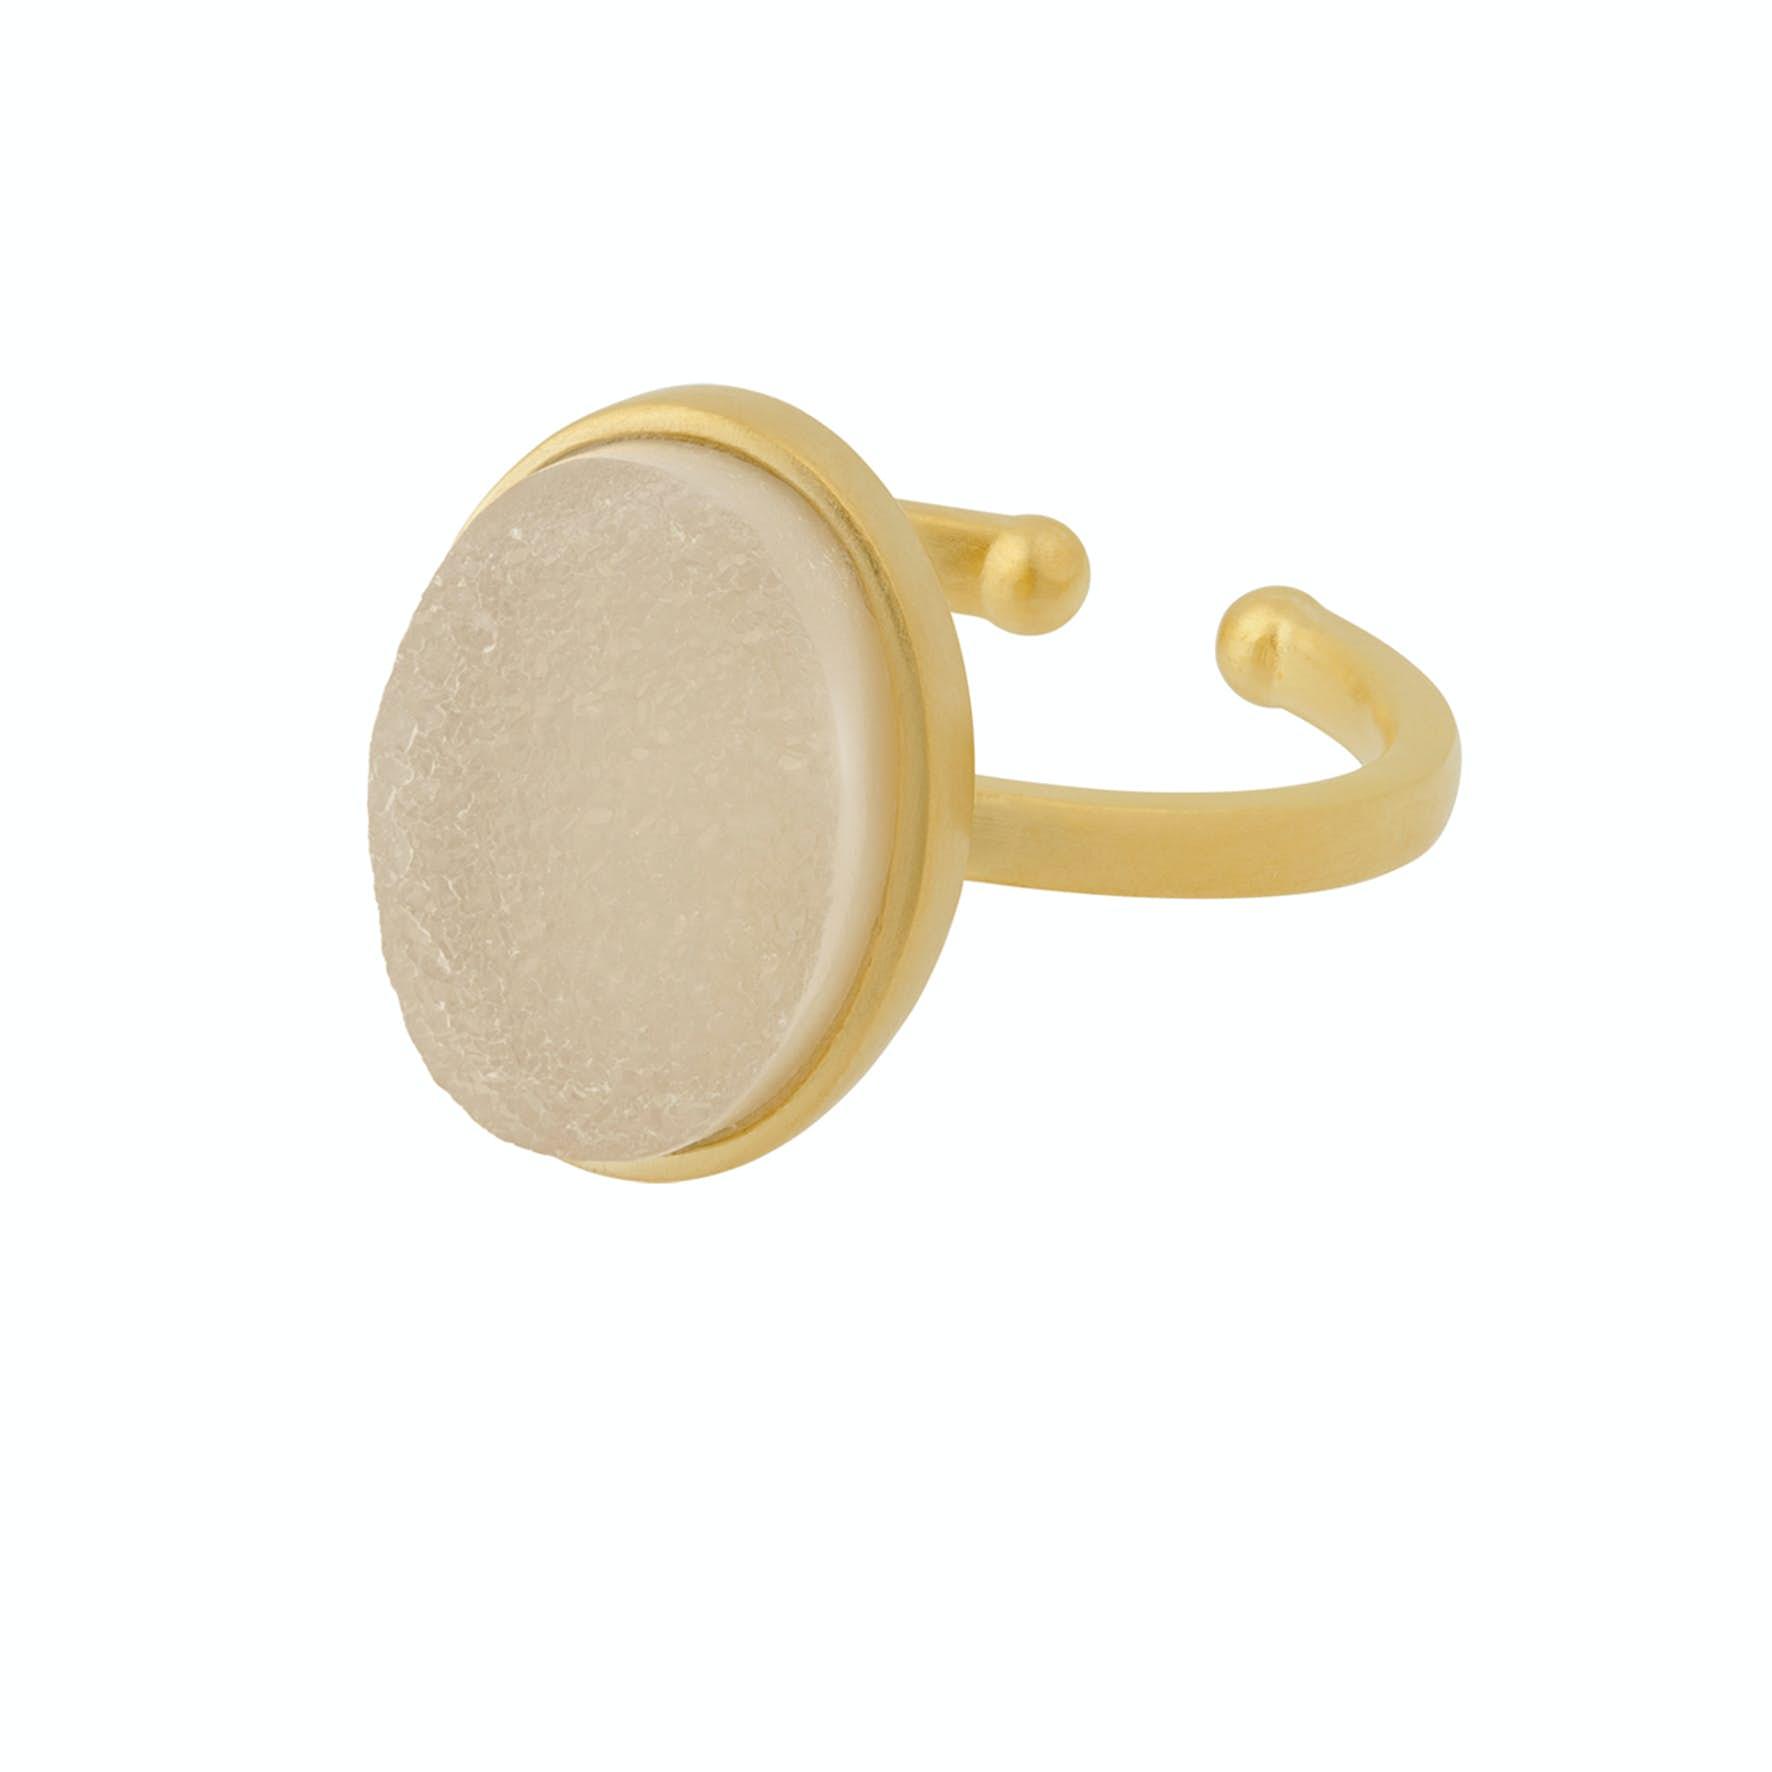 Haze Ring fra Pernille Corydon i Forgyldt-Sølv Sterling 925